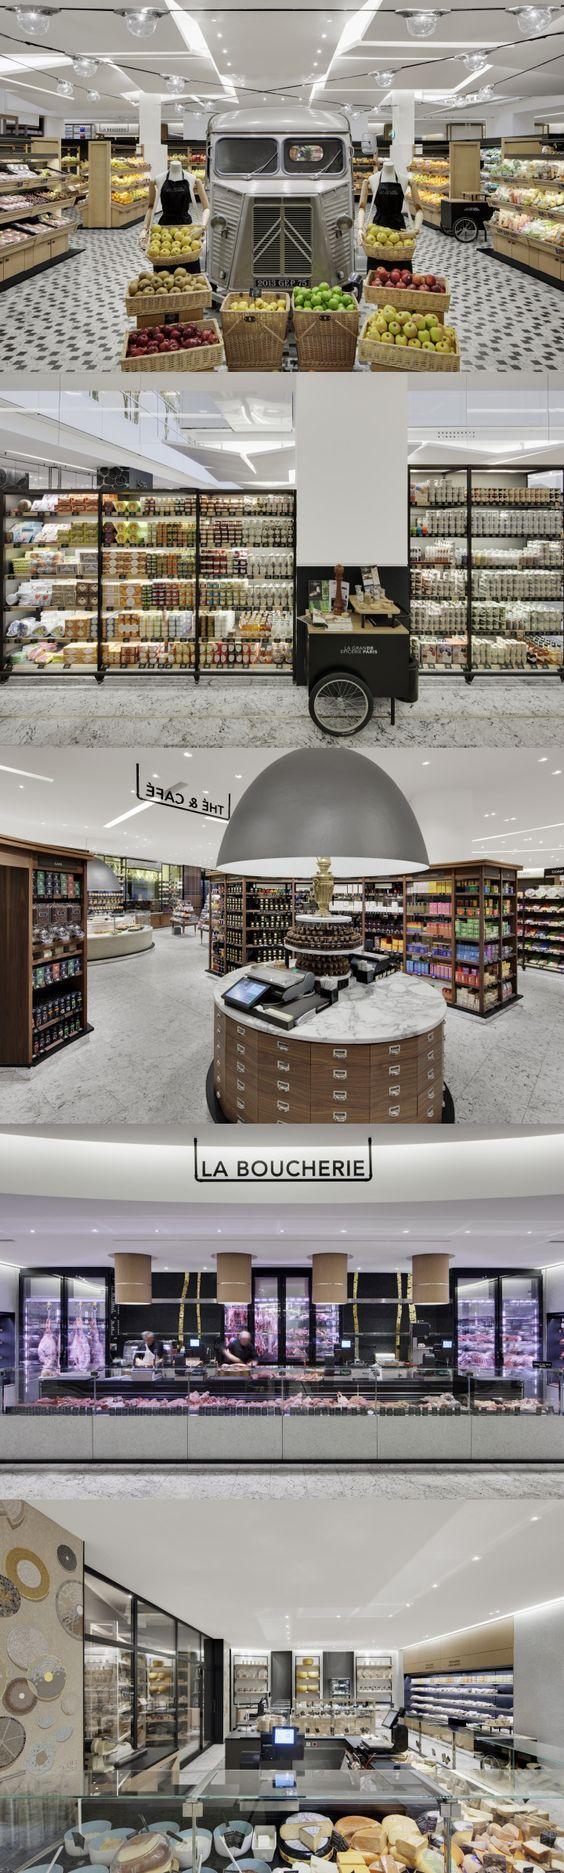 Supermercados con un gran componente en marketing visual